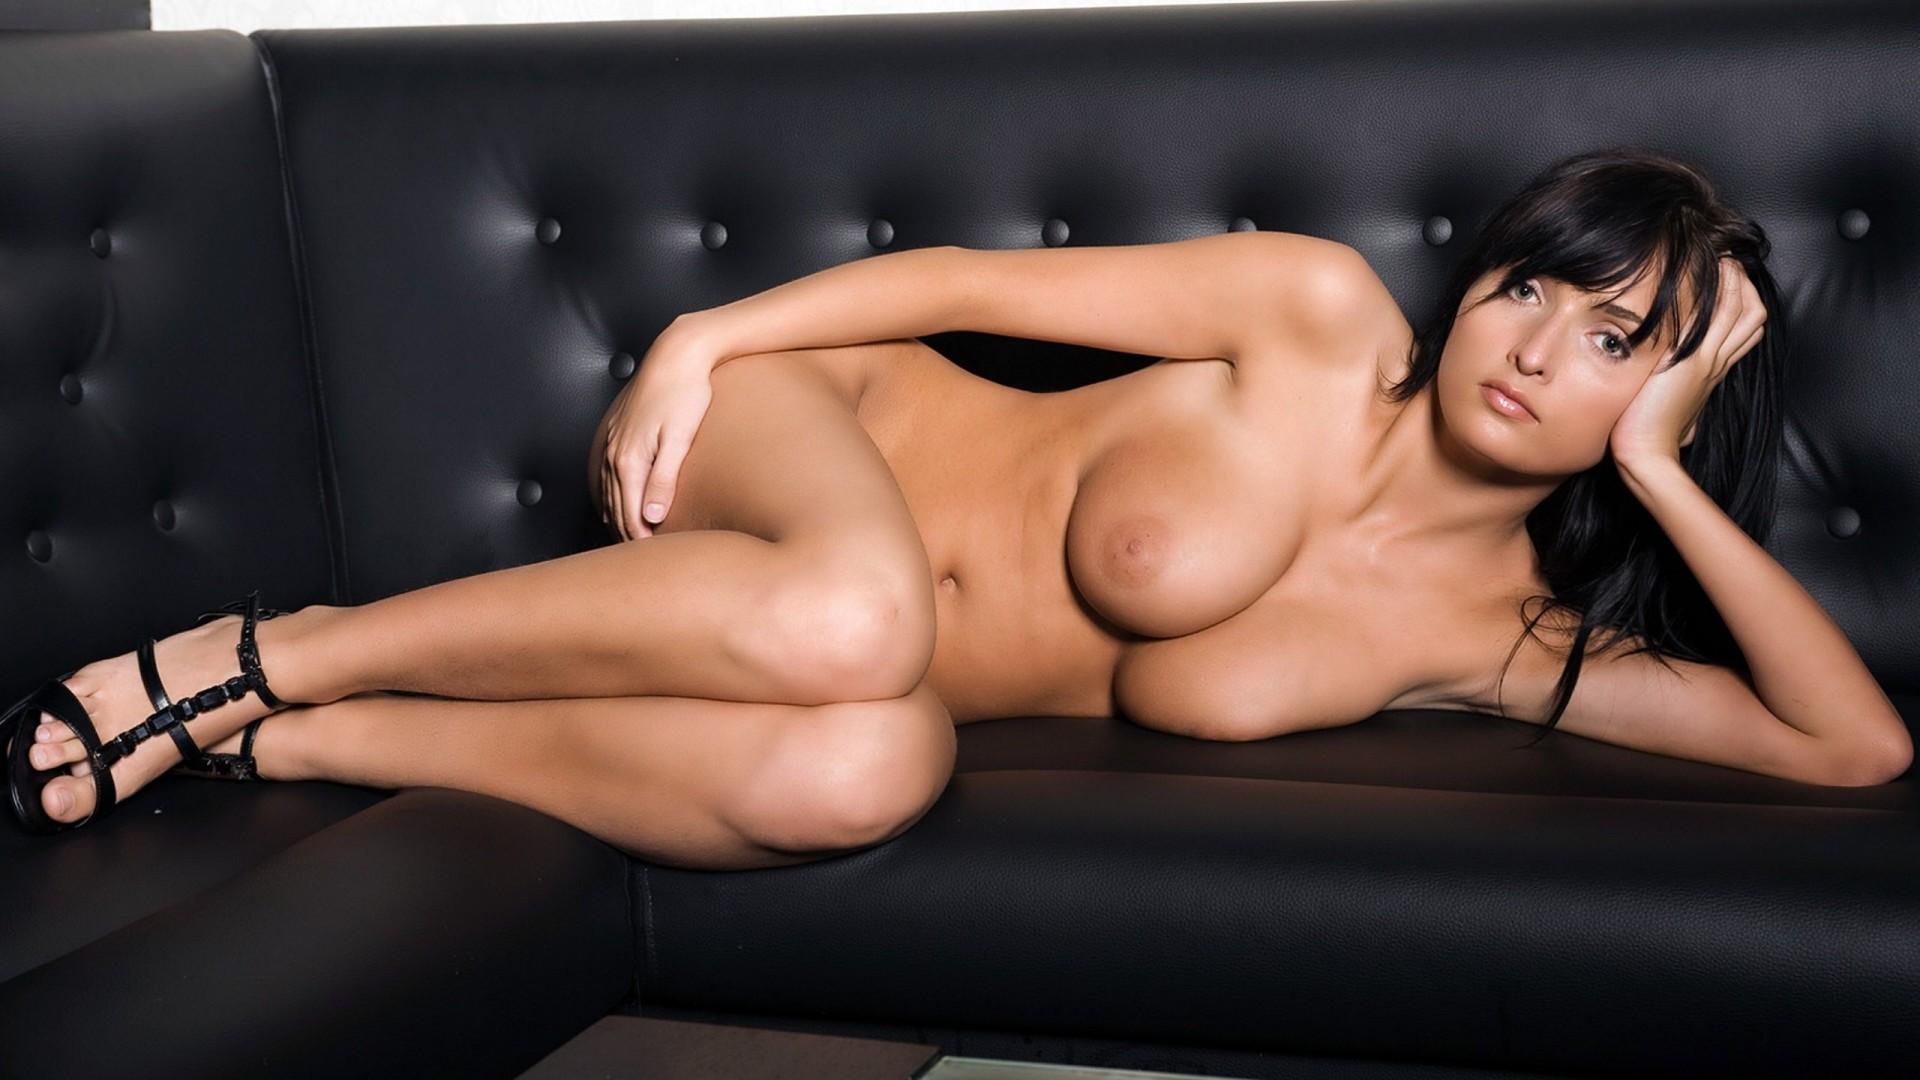 Порно с бисексуалами в HD бесплатно бисексуалы порно